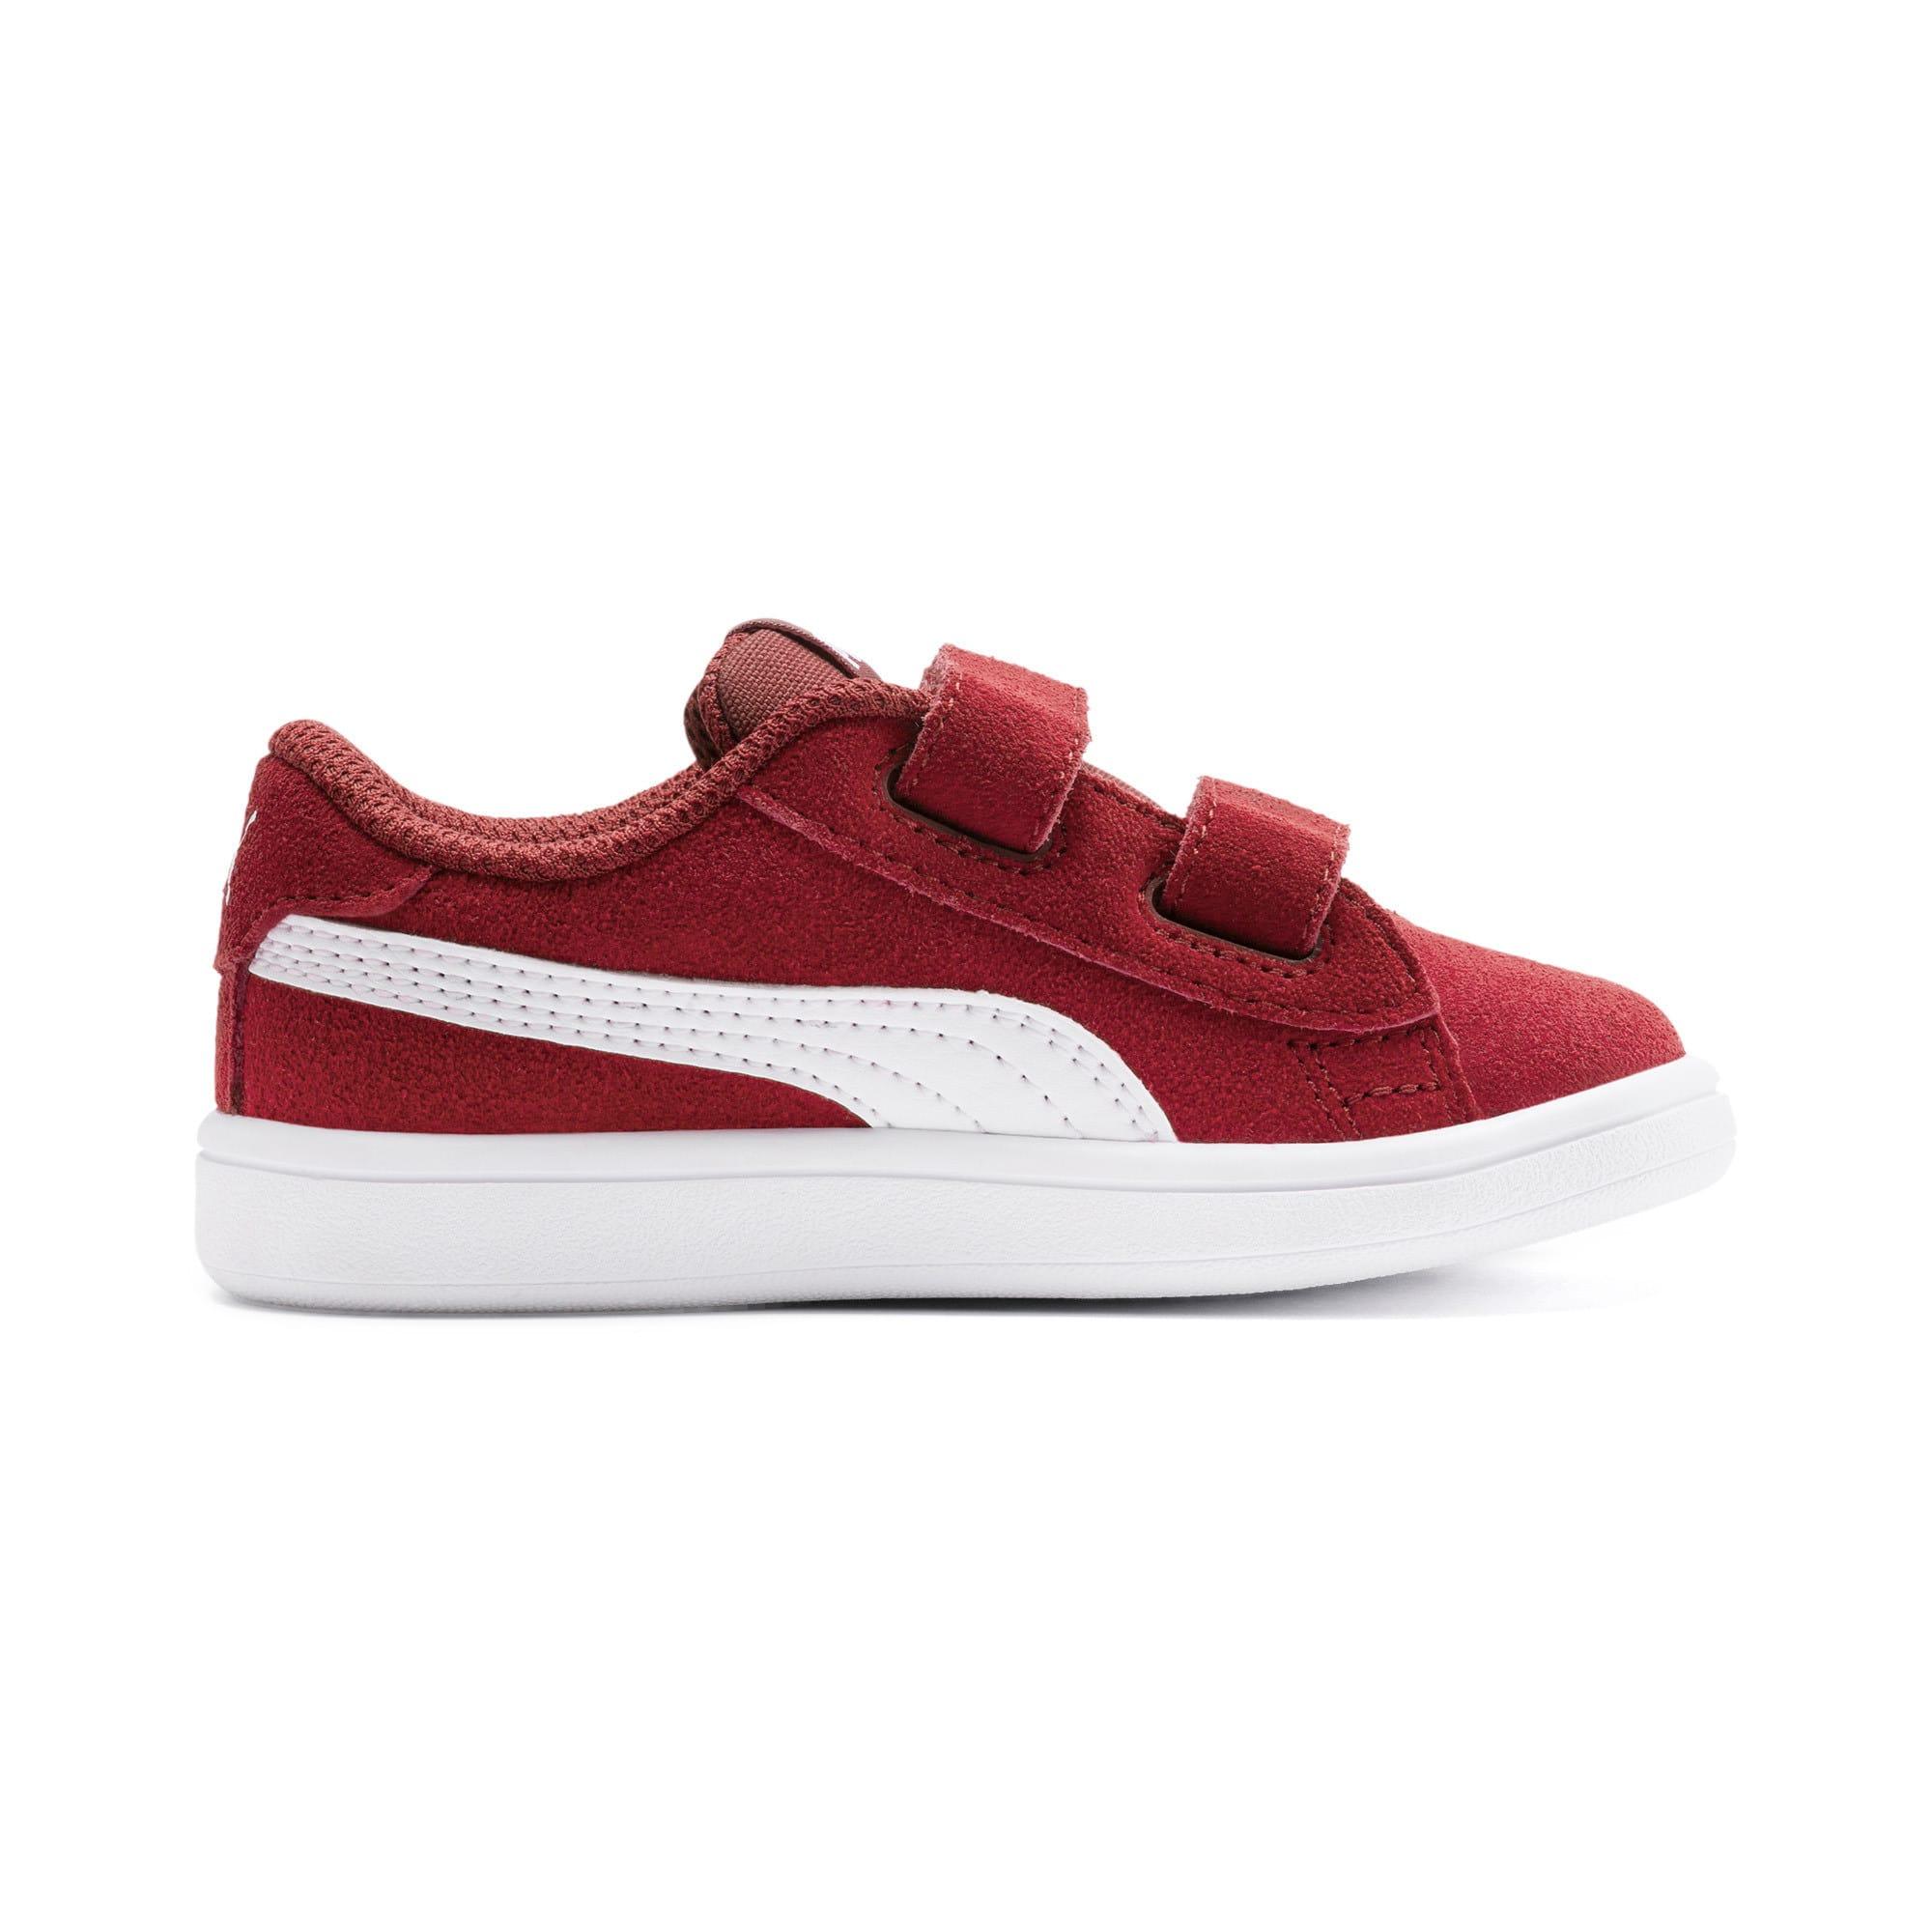 Thumbnail 5 of PUMA Smash v2 Suede Toddler Shoes, Rhubarb-Puma White, medium